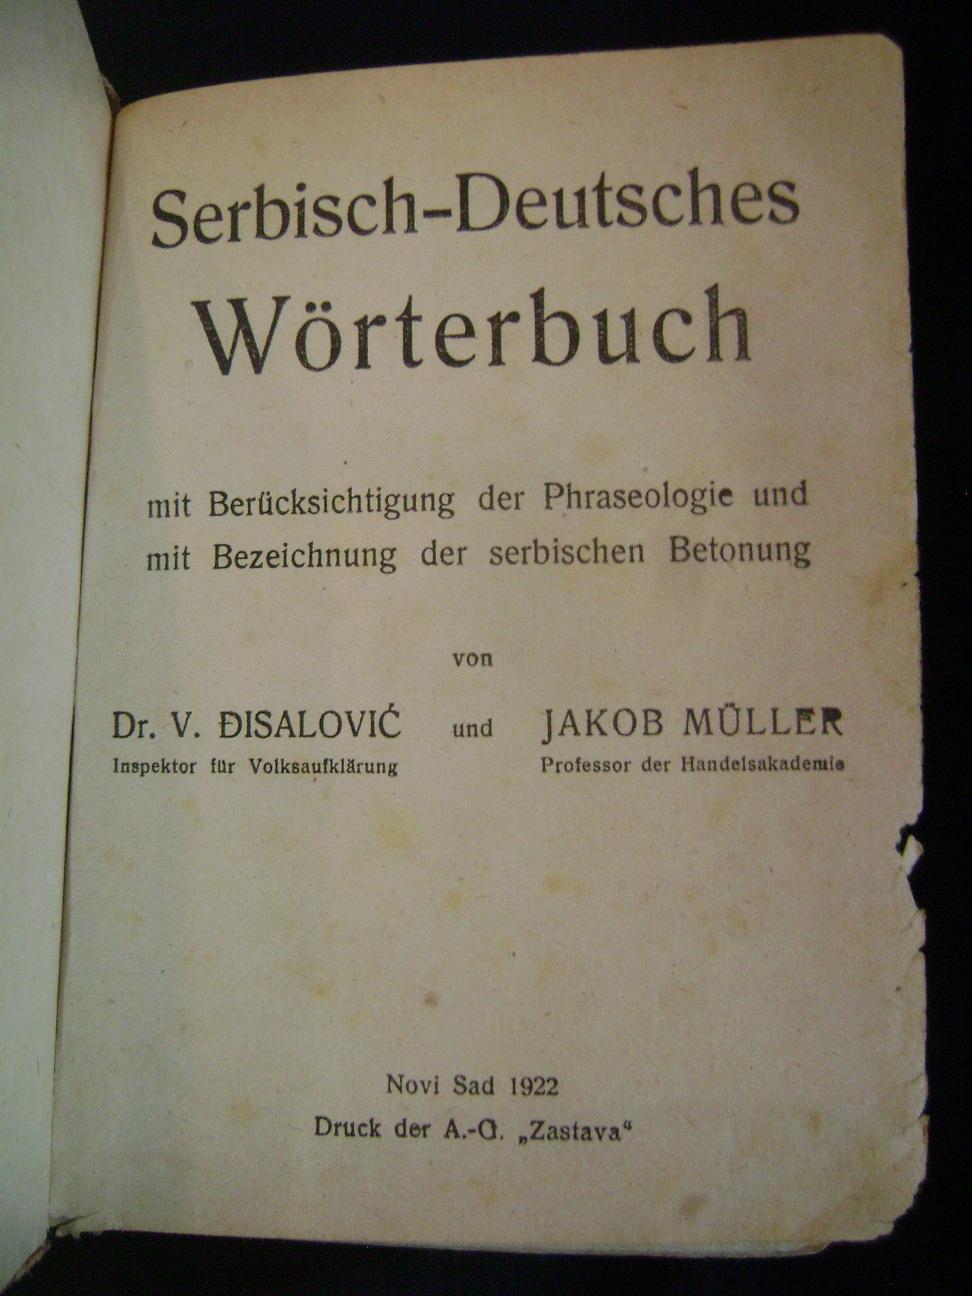 Srpsko_nemacki_recnik_1922_Djisalovic_Muller__3.JPG